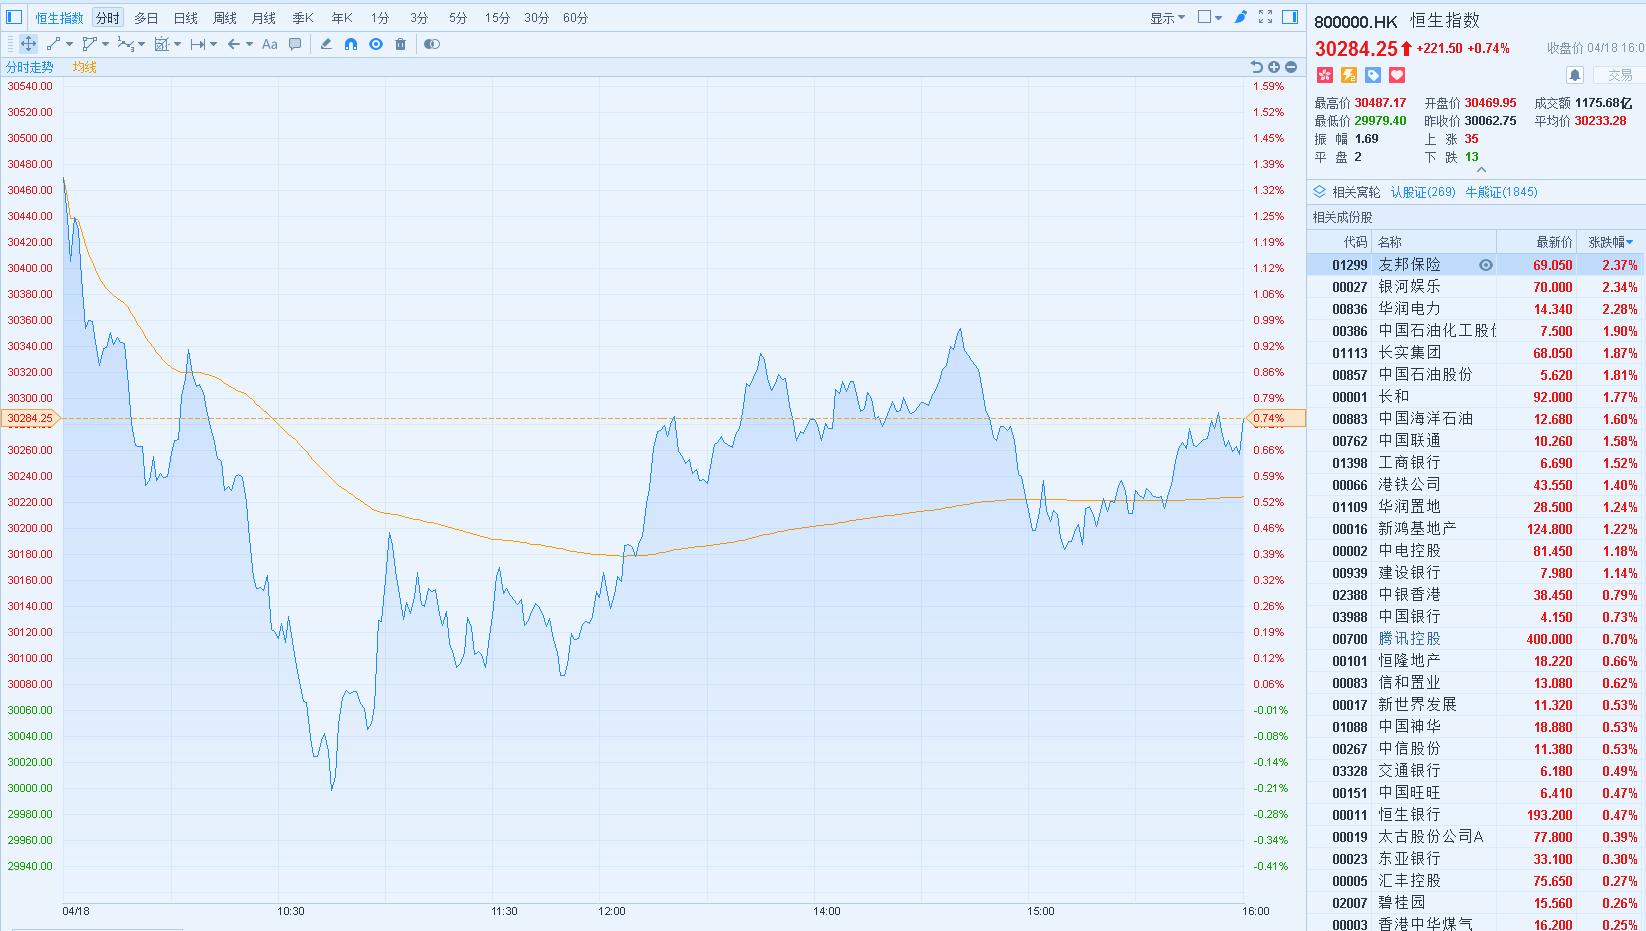 股票上演深V行情 恒指一度跌破3万点大关